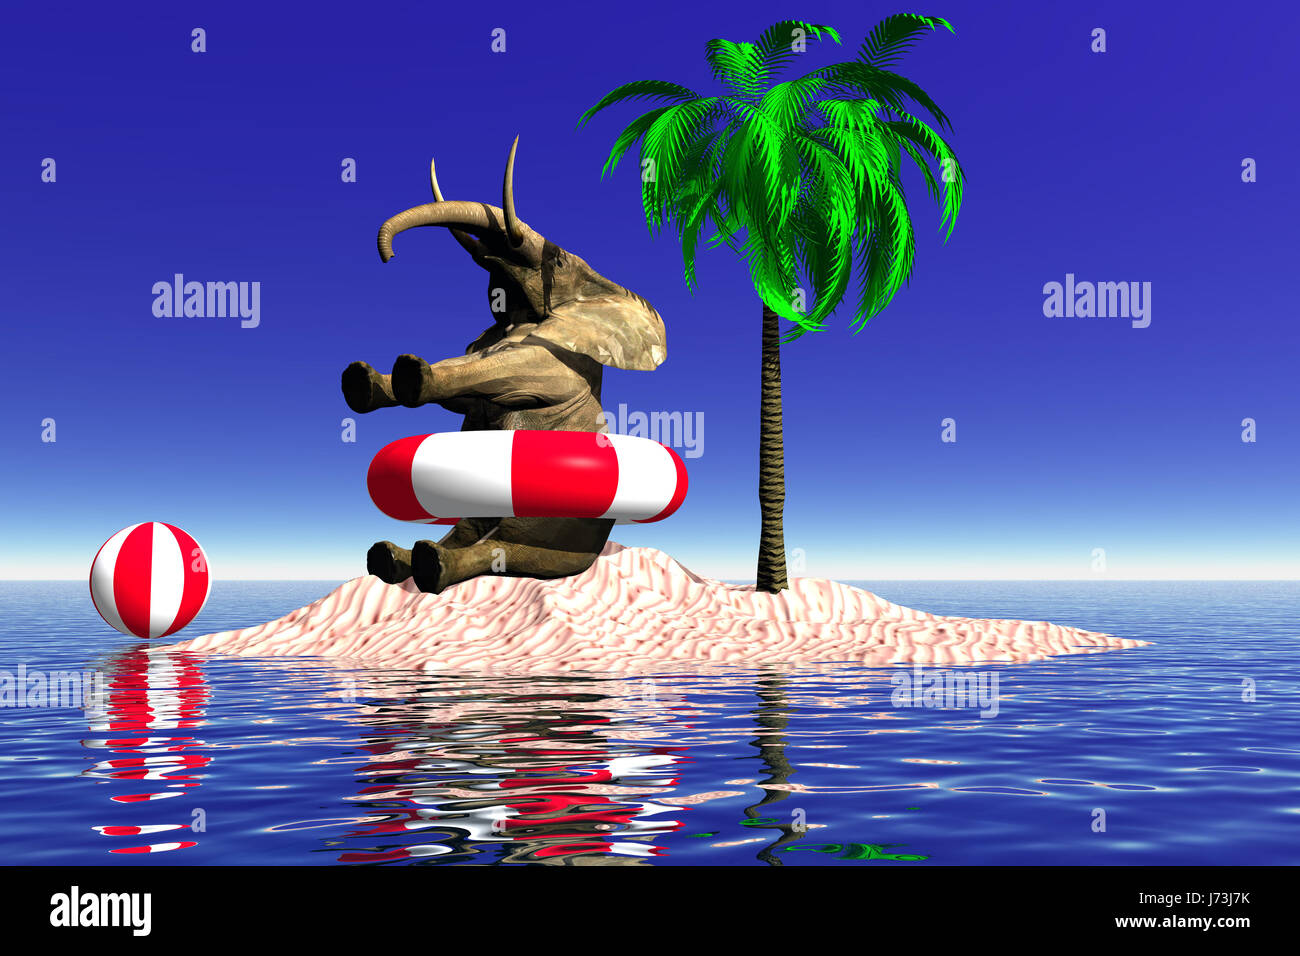 elephant ripe palm tree lifebelt bathing ring lonesomely alone ...